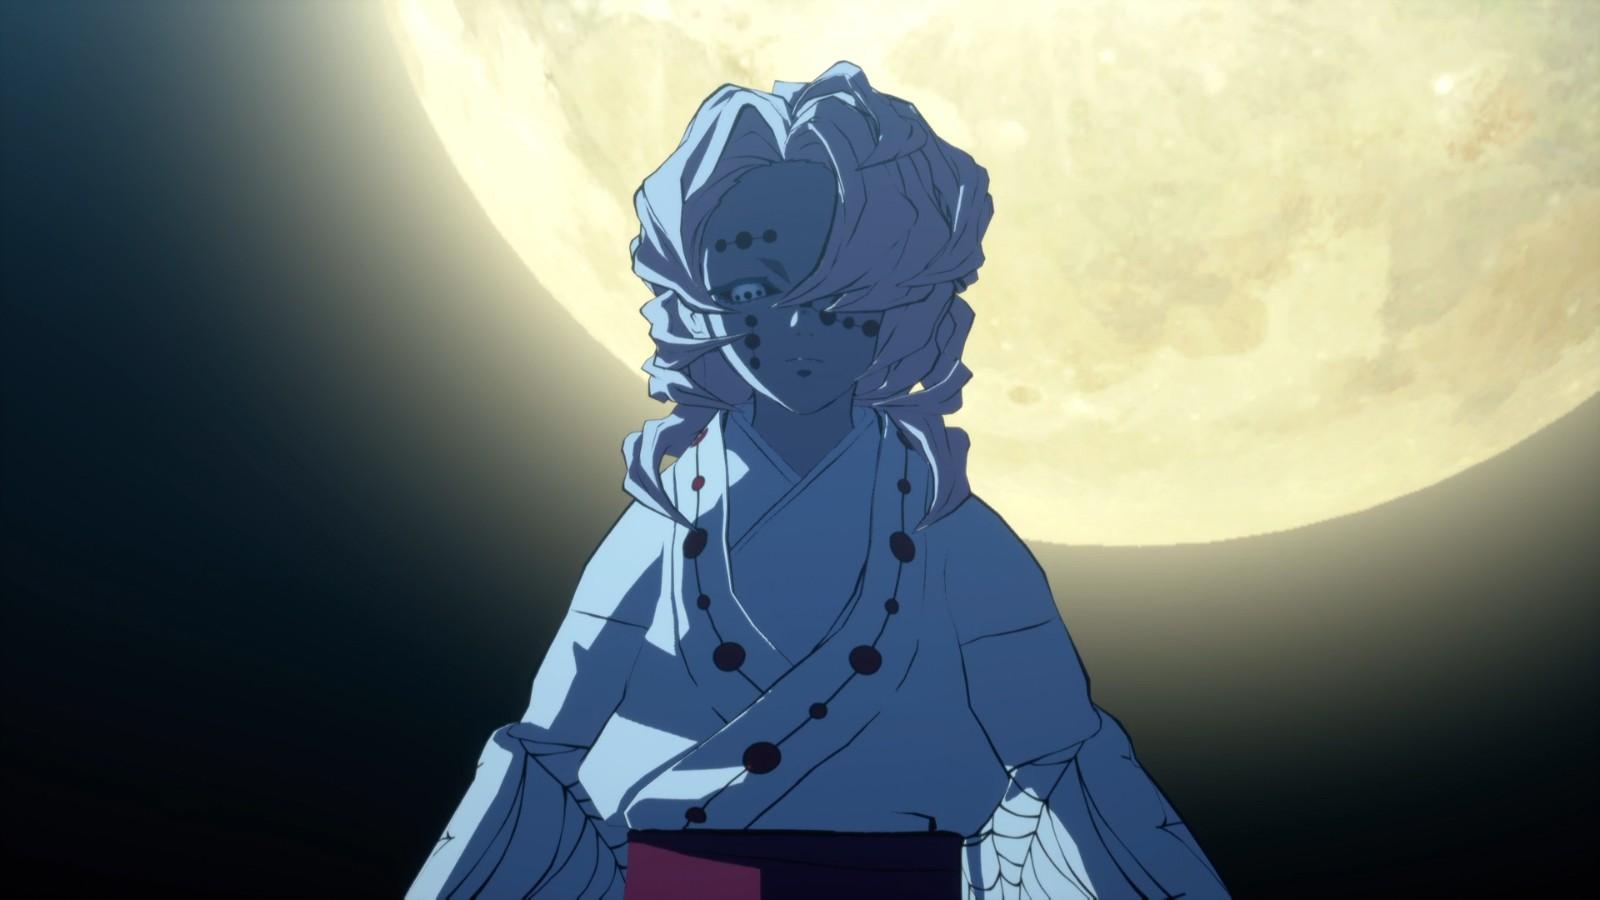 《鬼灭之刃:火之神血风谭》将免费更新鬼系角色